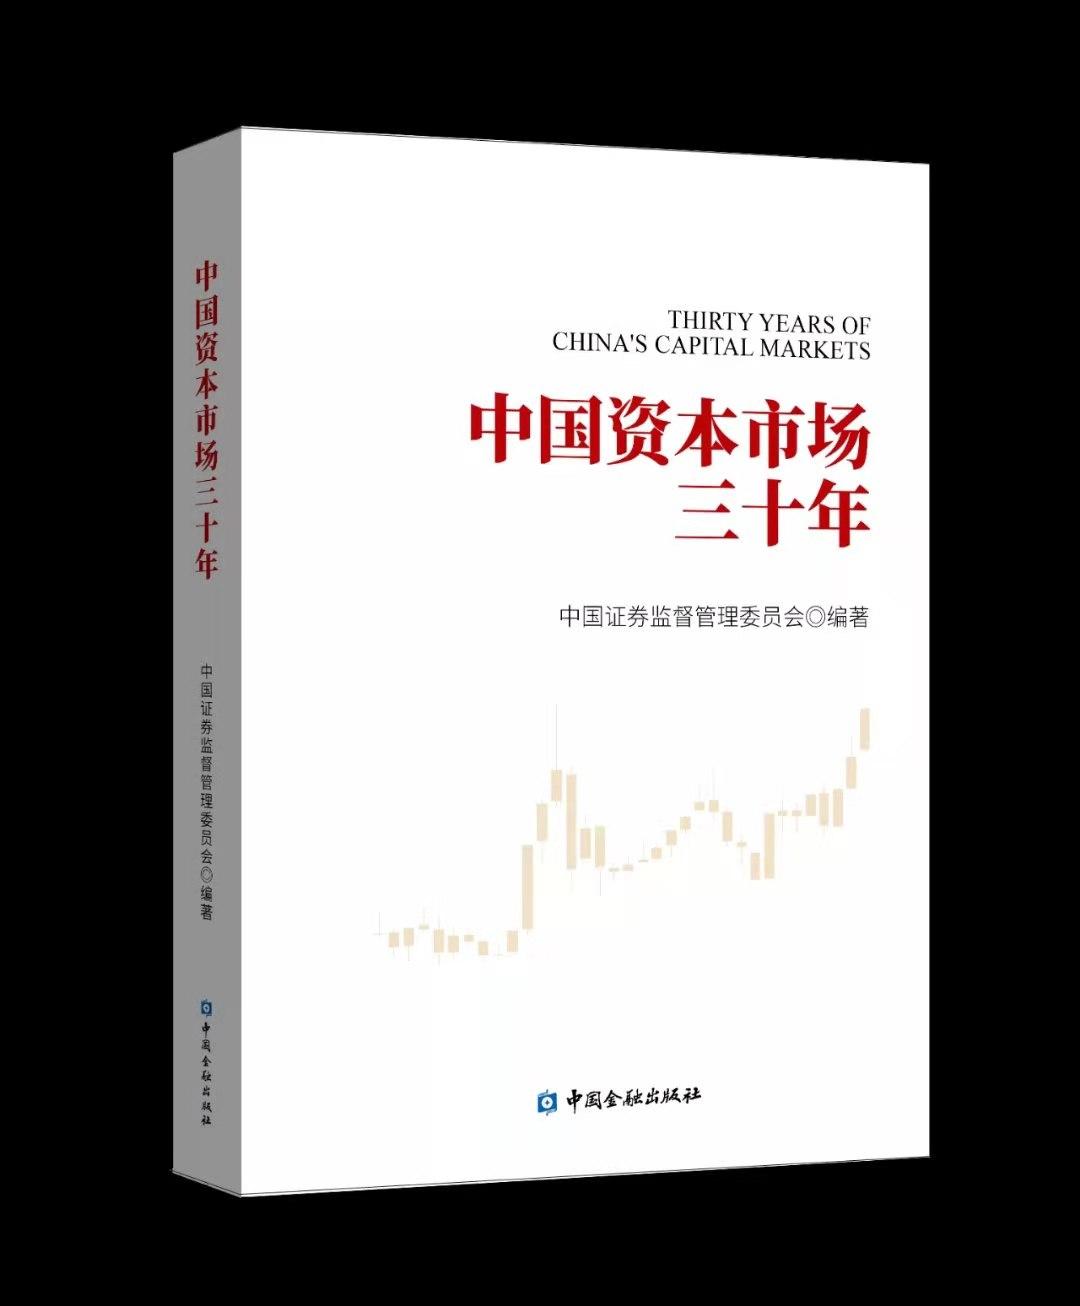 《中国资本市场三十年》正式亮相 全景展示中国资本市场30年发展历程